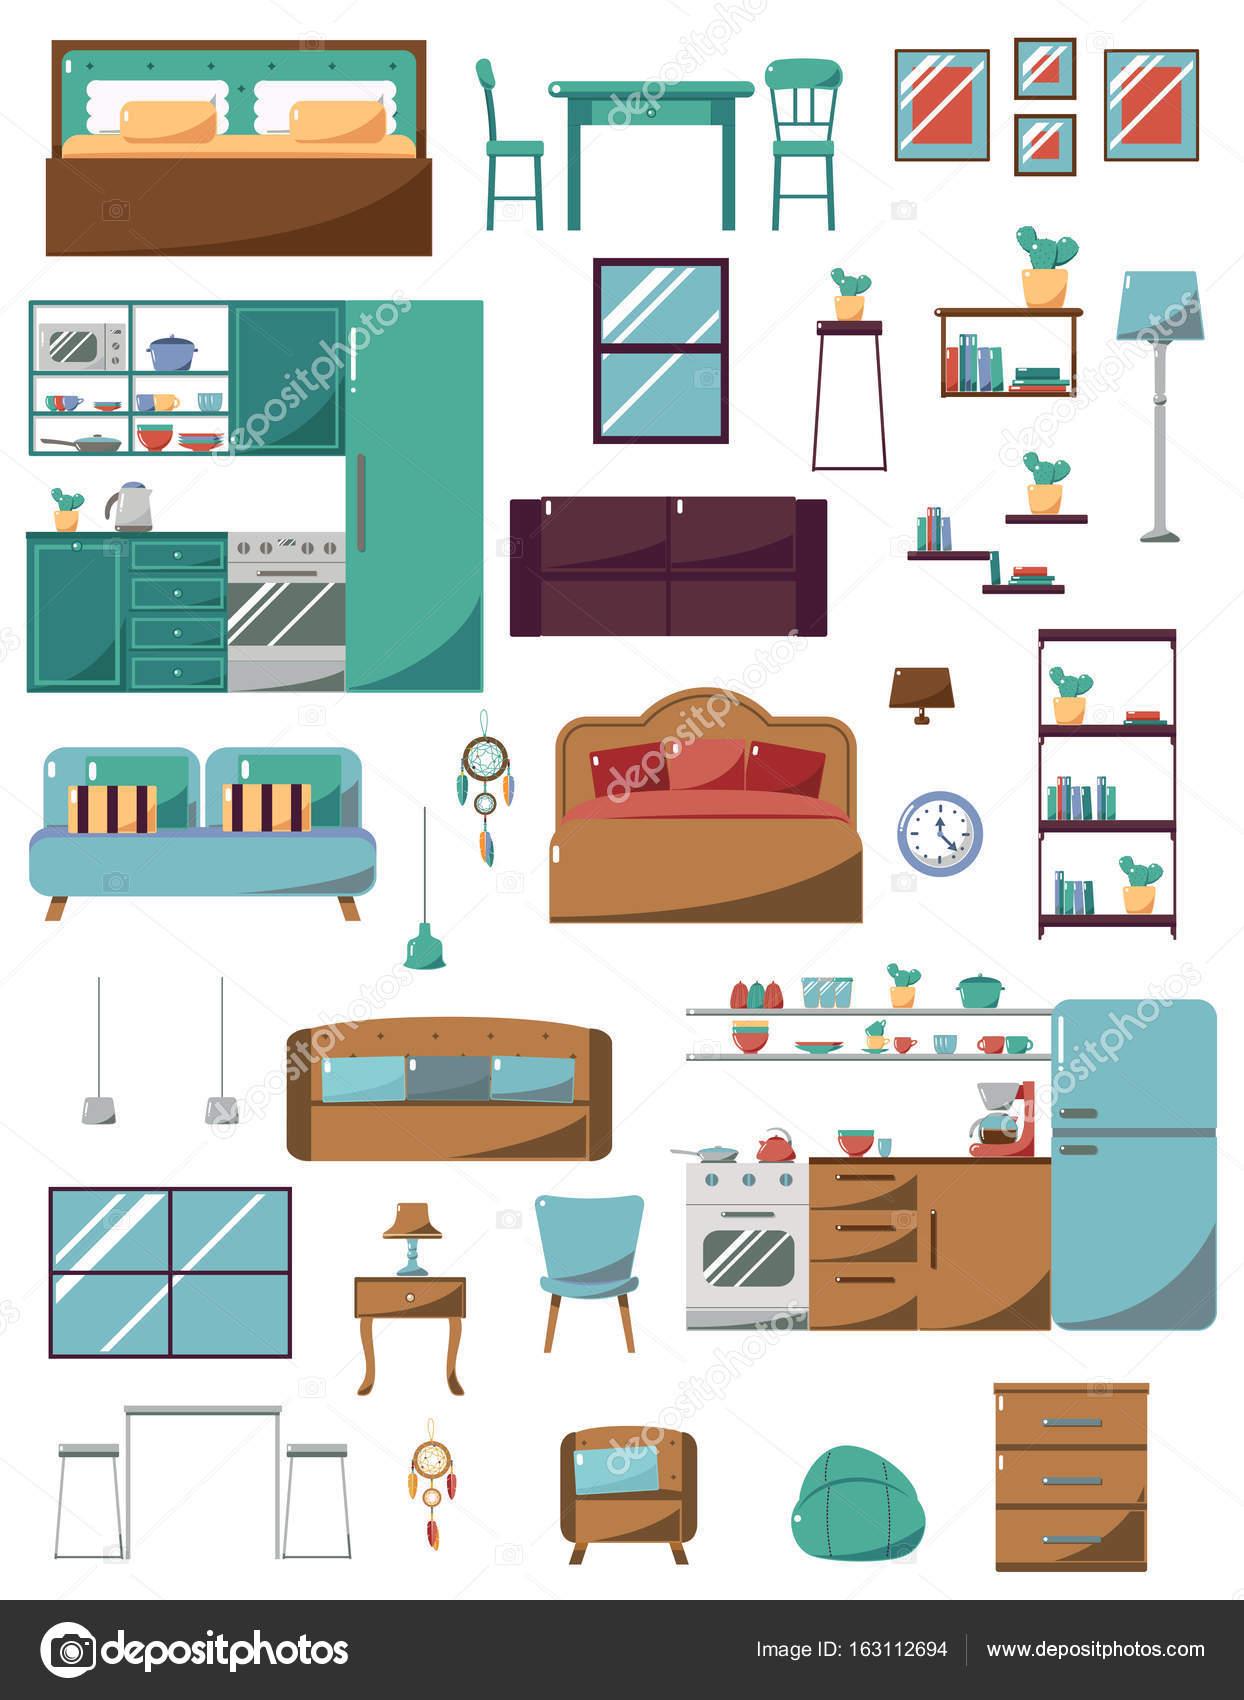 Möbel Für Wohnzimmer, Schlafzimmer, Küche, Bad. Flat Style U2014 Stockvektor